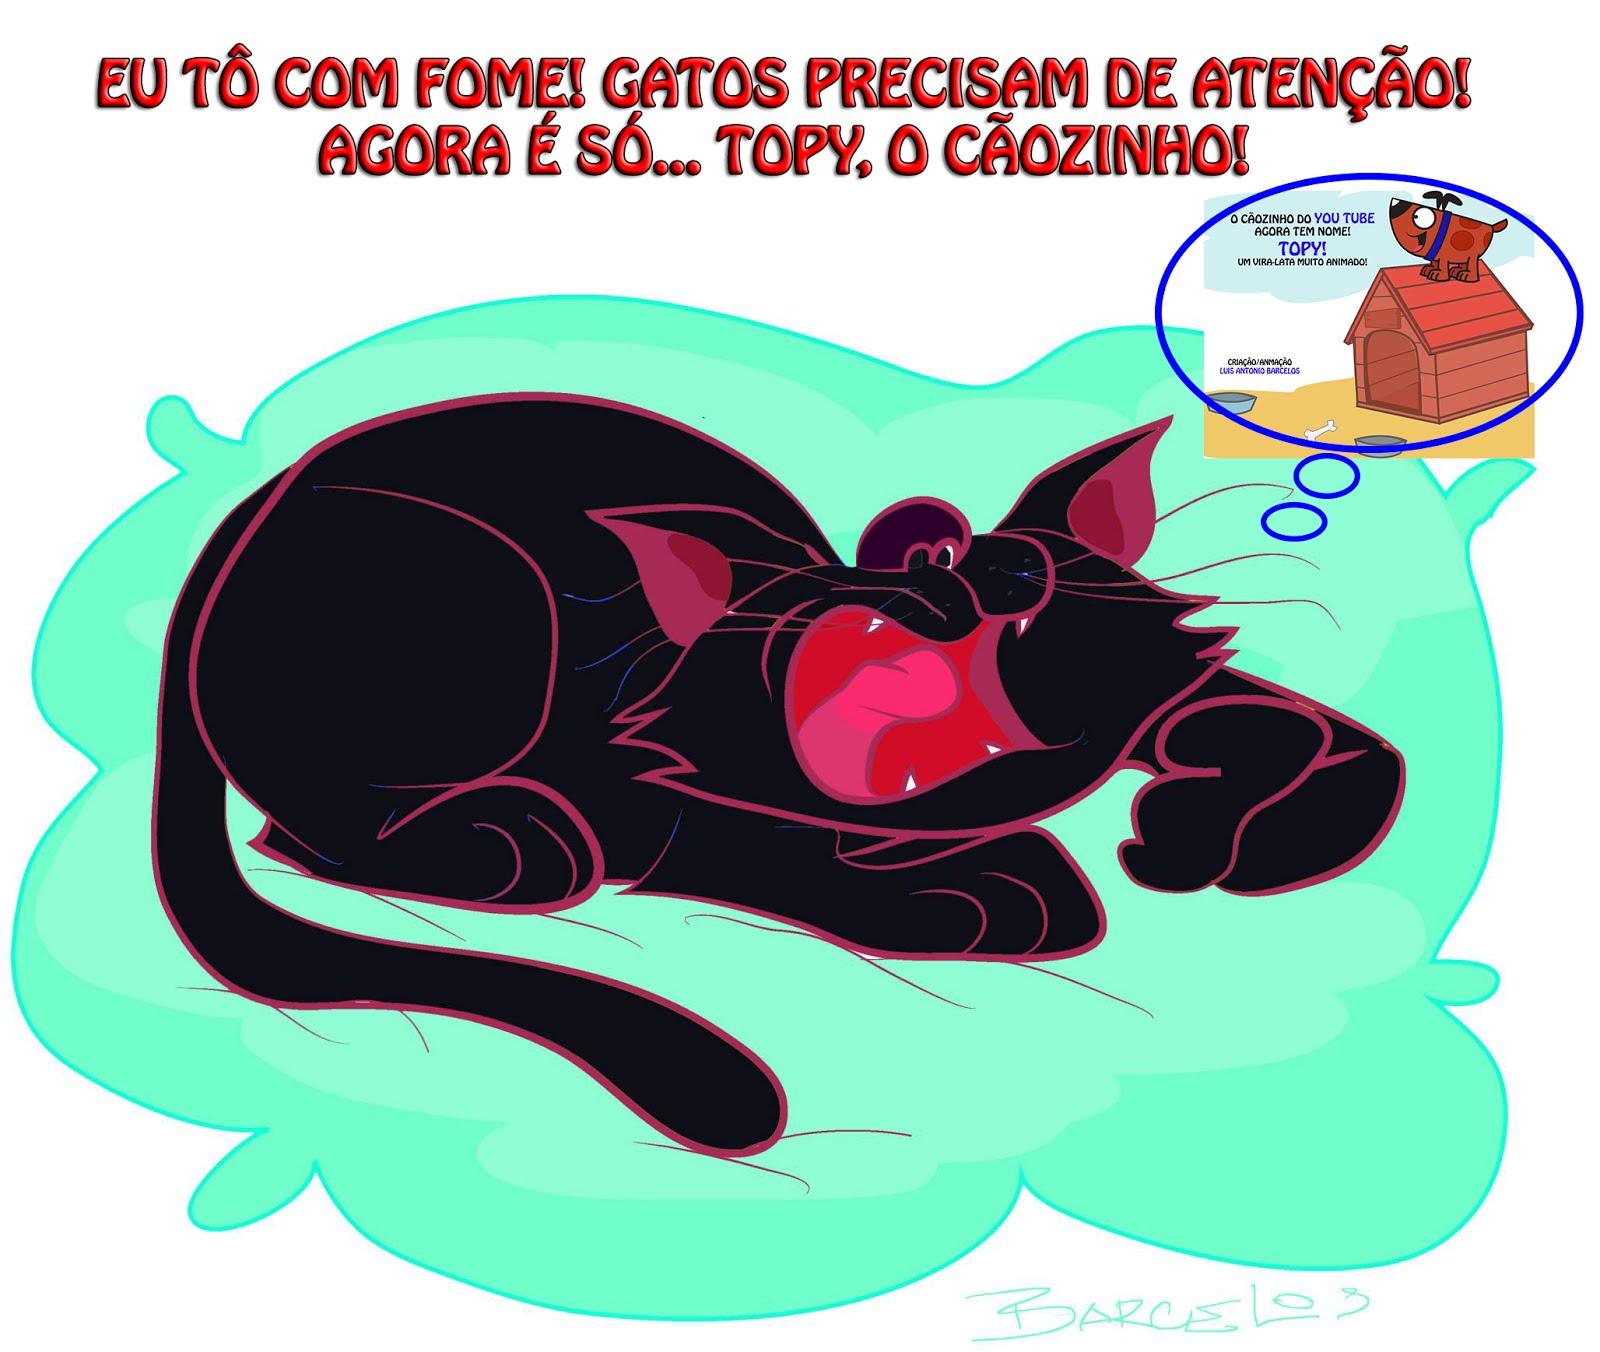 GATO & CÃO AMIGOS!